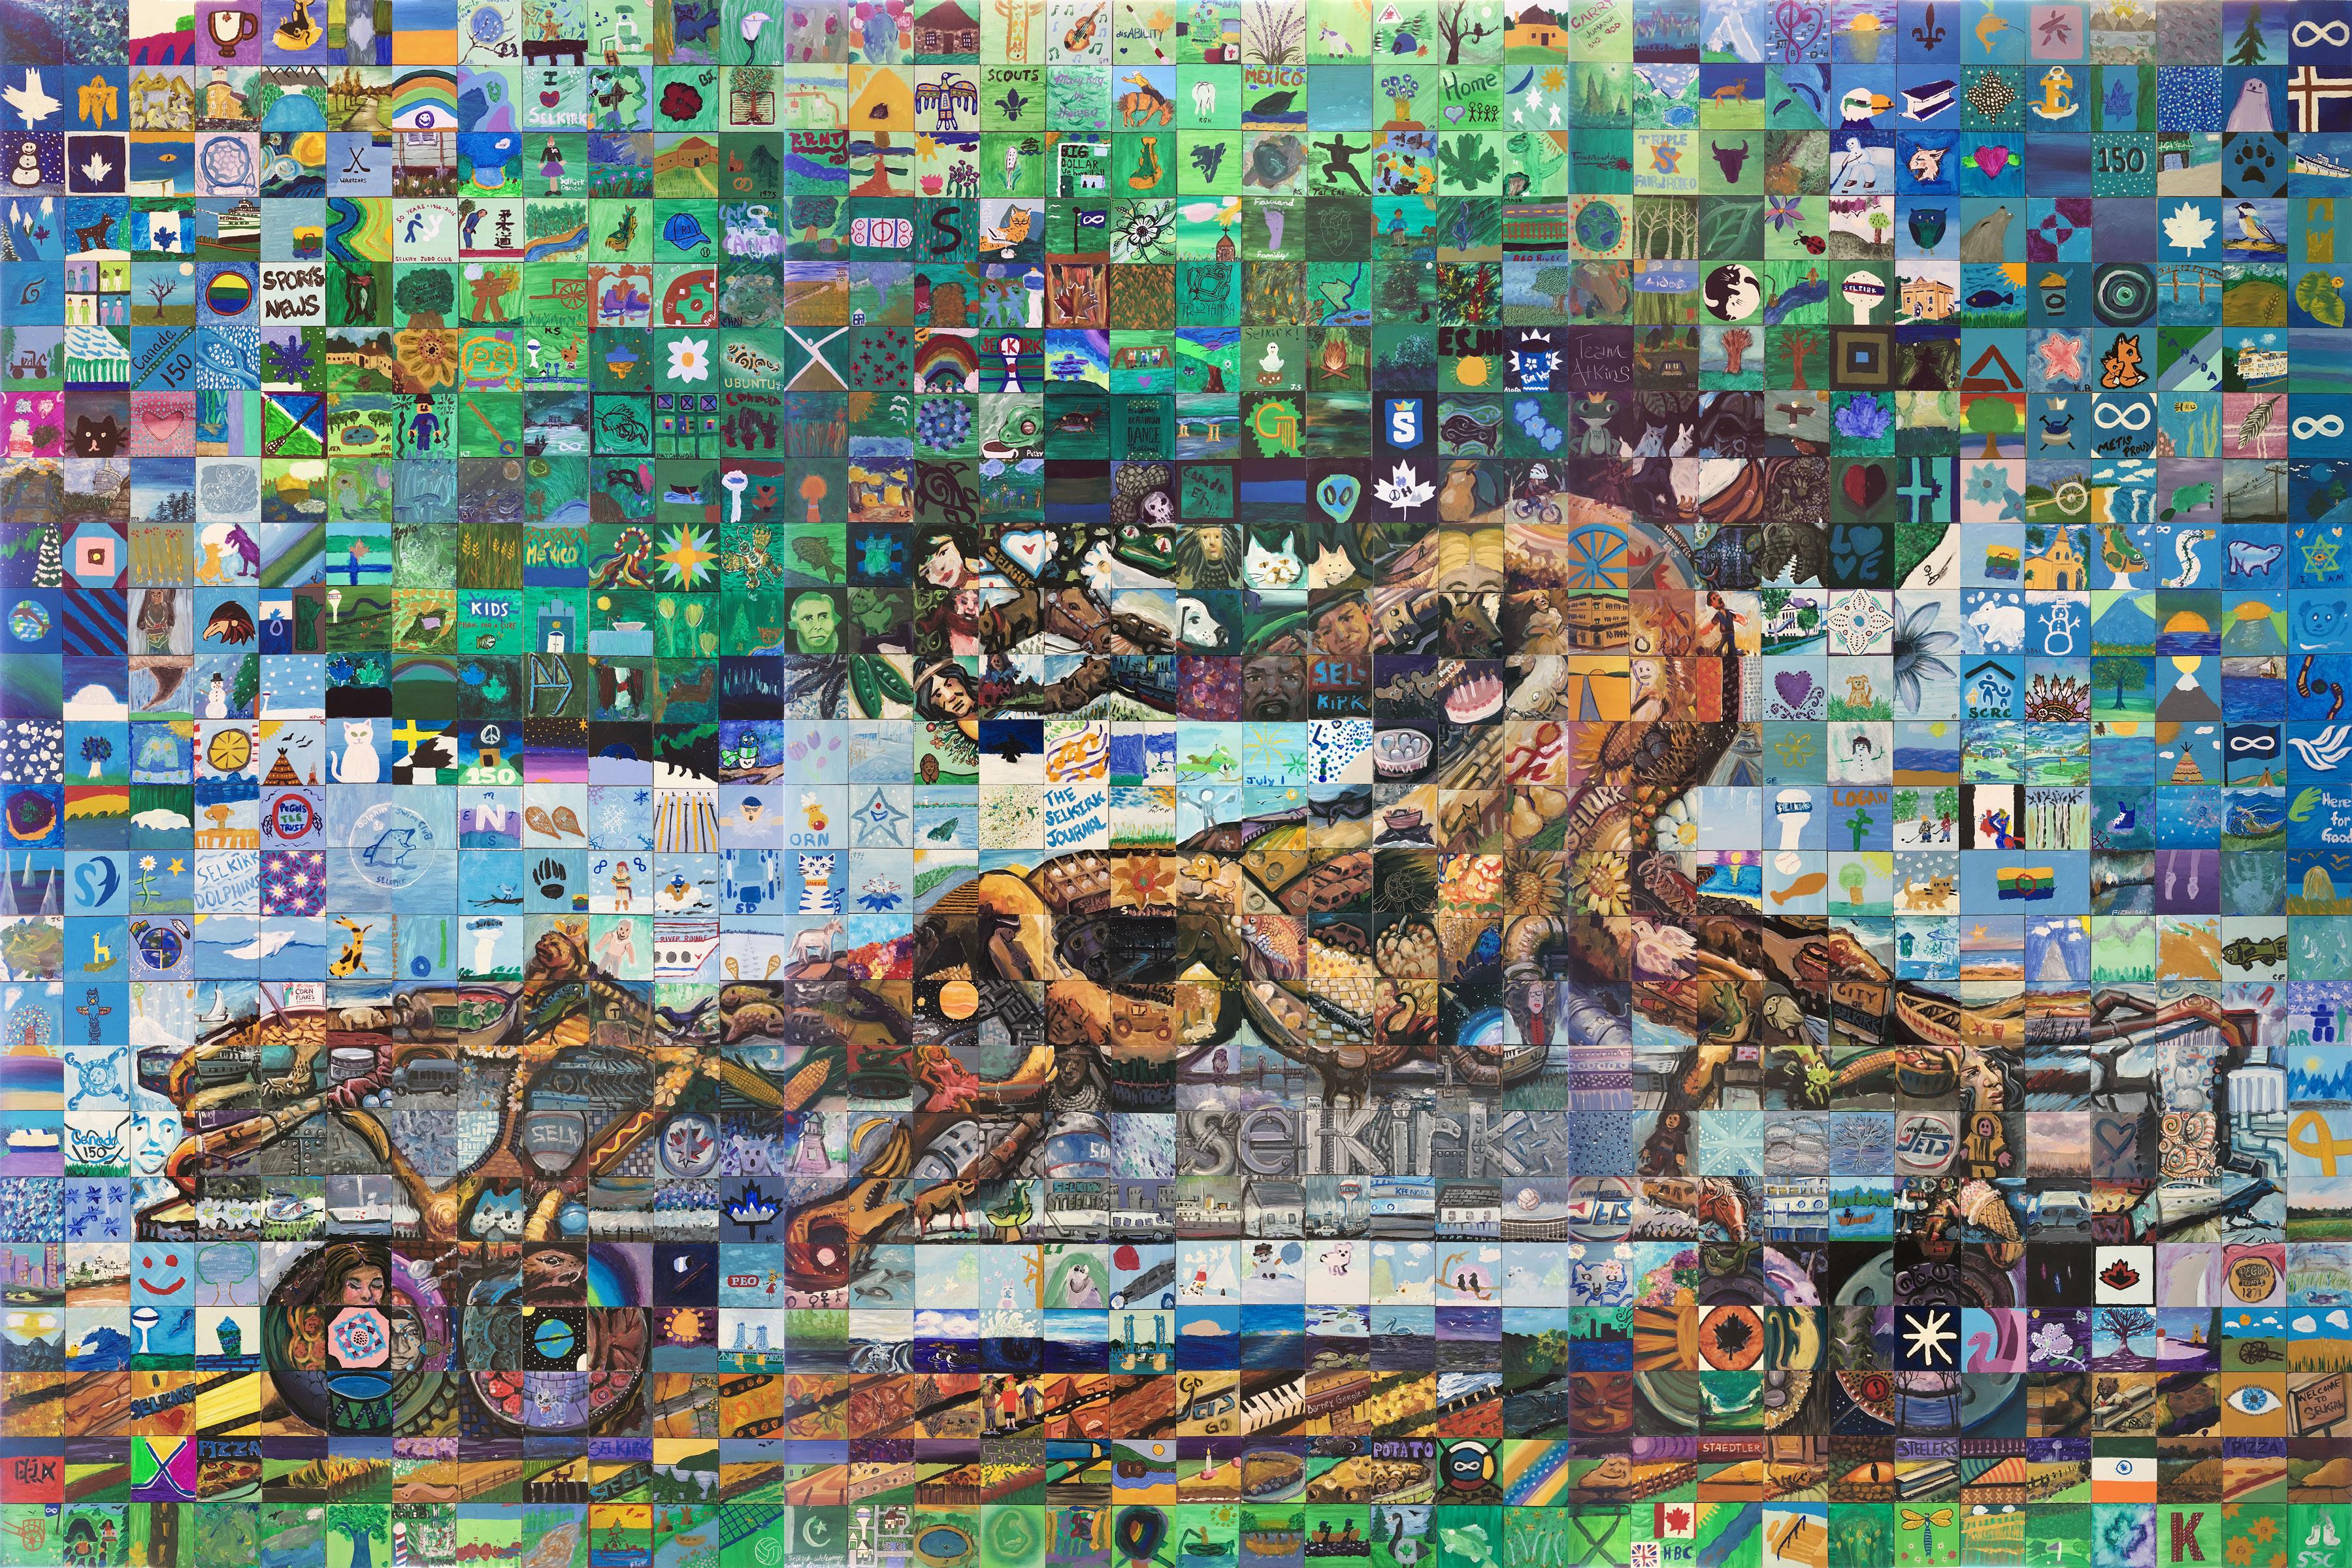 Selkirk canada mosaic murals for Mural mosaic